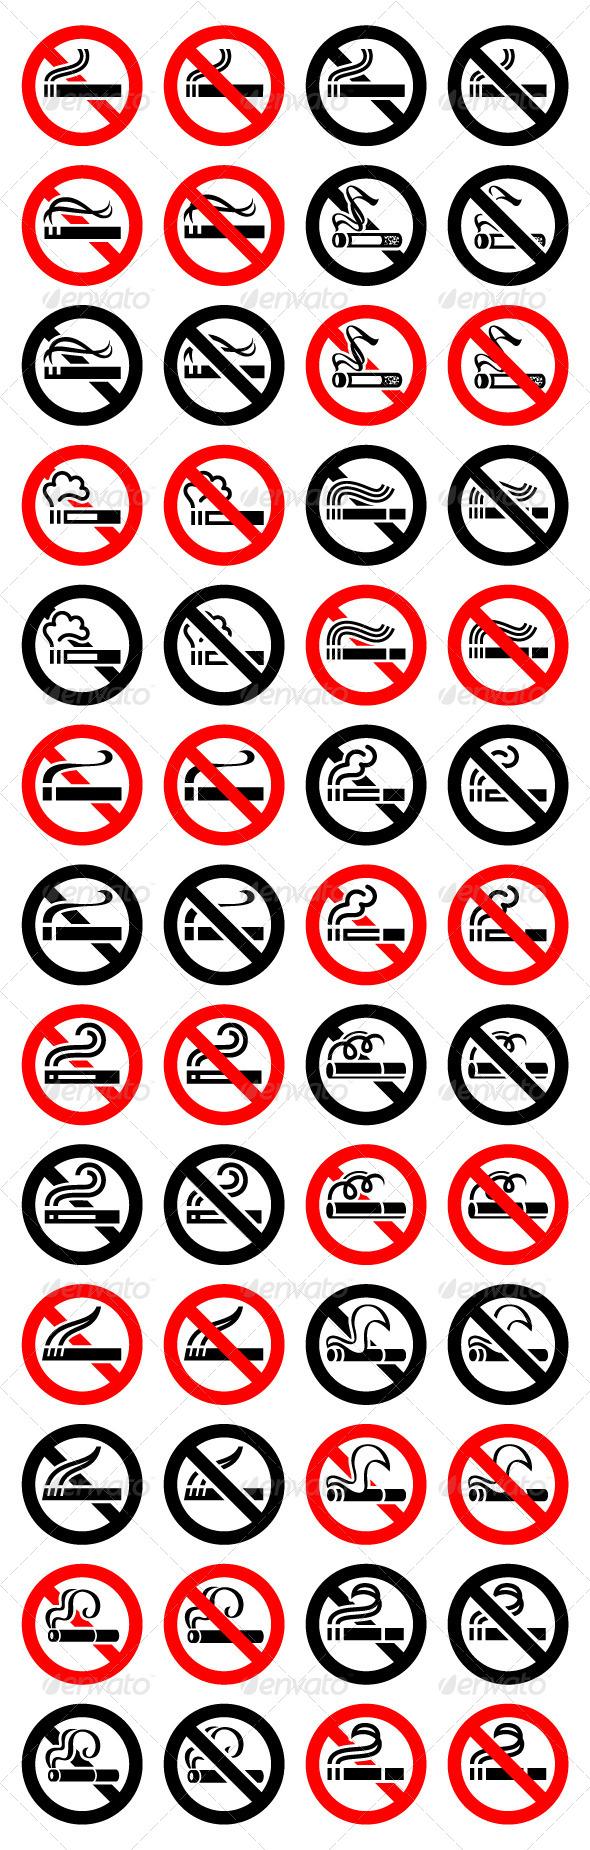 GraphicRiver 52 Round Signs 13 Cigarette Symbols 4321772